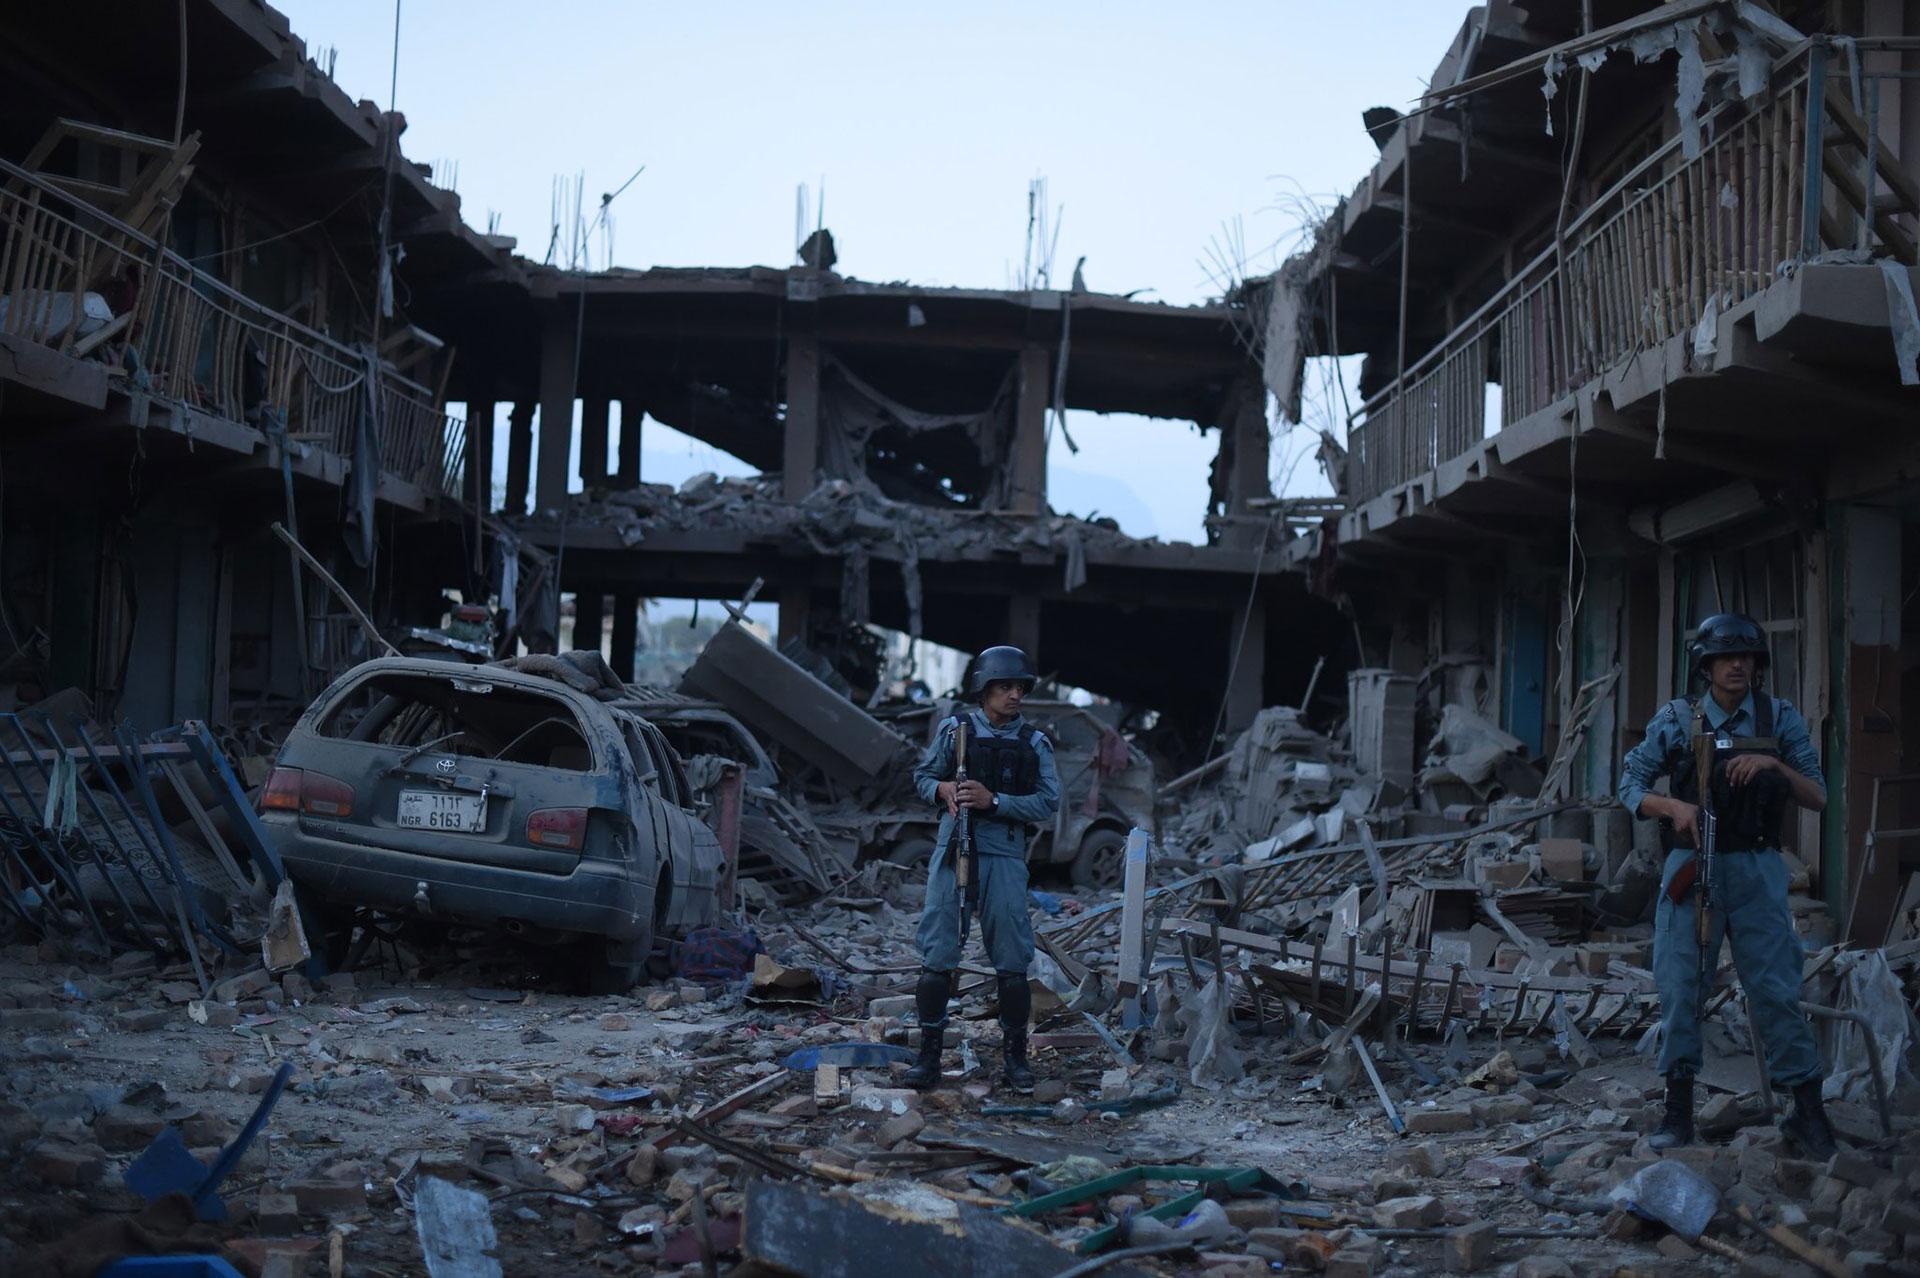 Fuerzas de seguridad afgana custodian el lugar en Kabul donde estalló un coche bomba en 2015 (AFP)